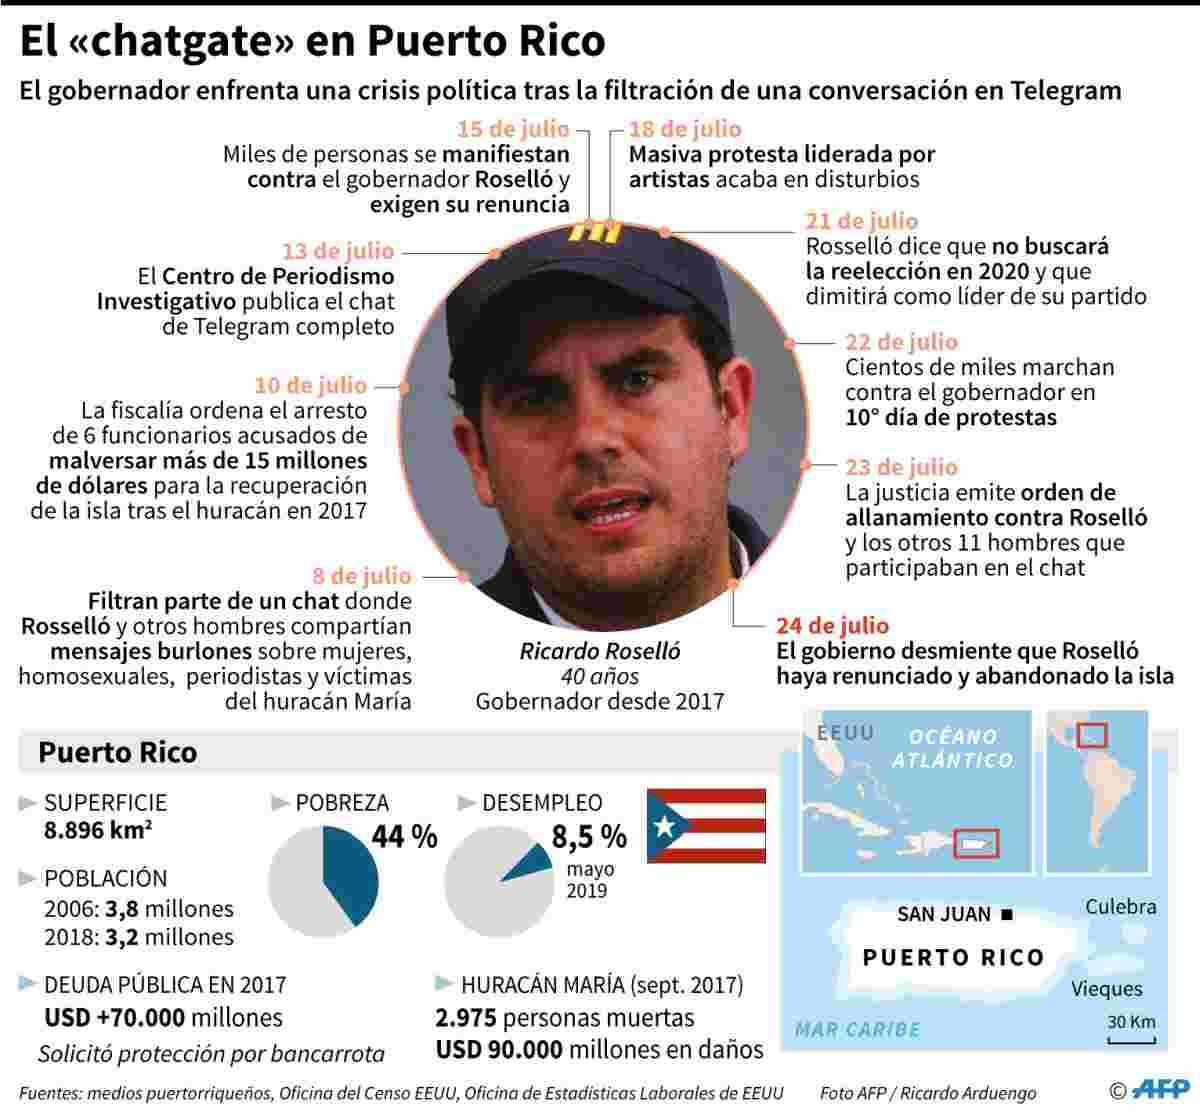 Principales acontecimientos de la crisis política que enfrenta el gobernador de Puerto Rico Ricardo Roselló. AFP